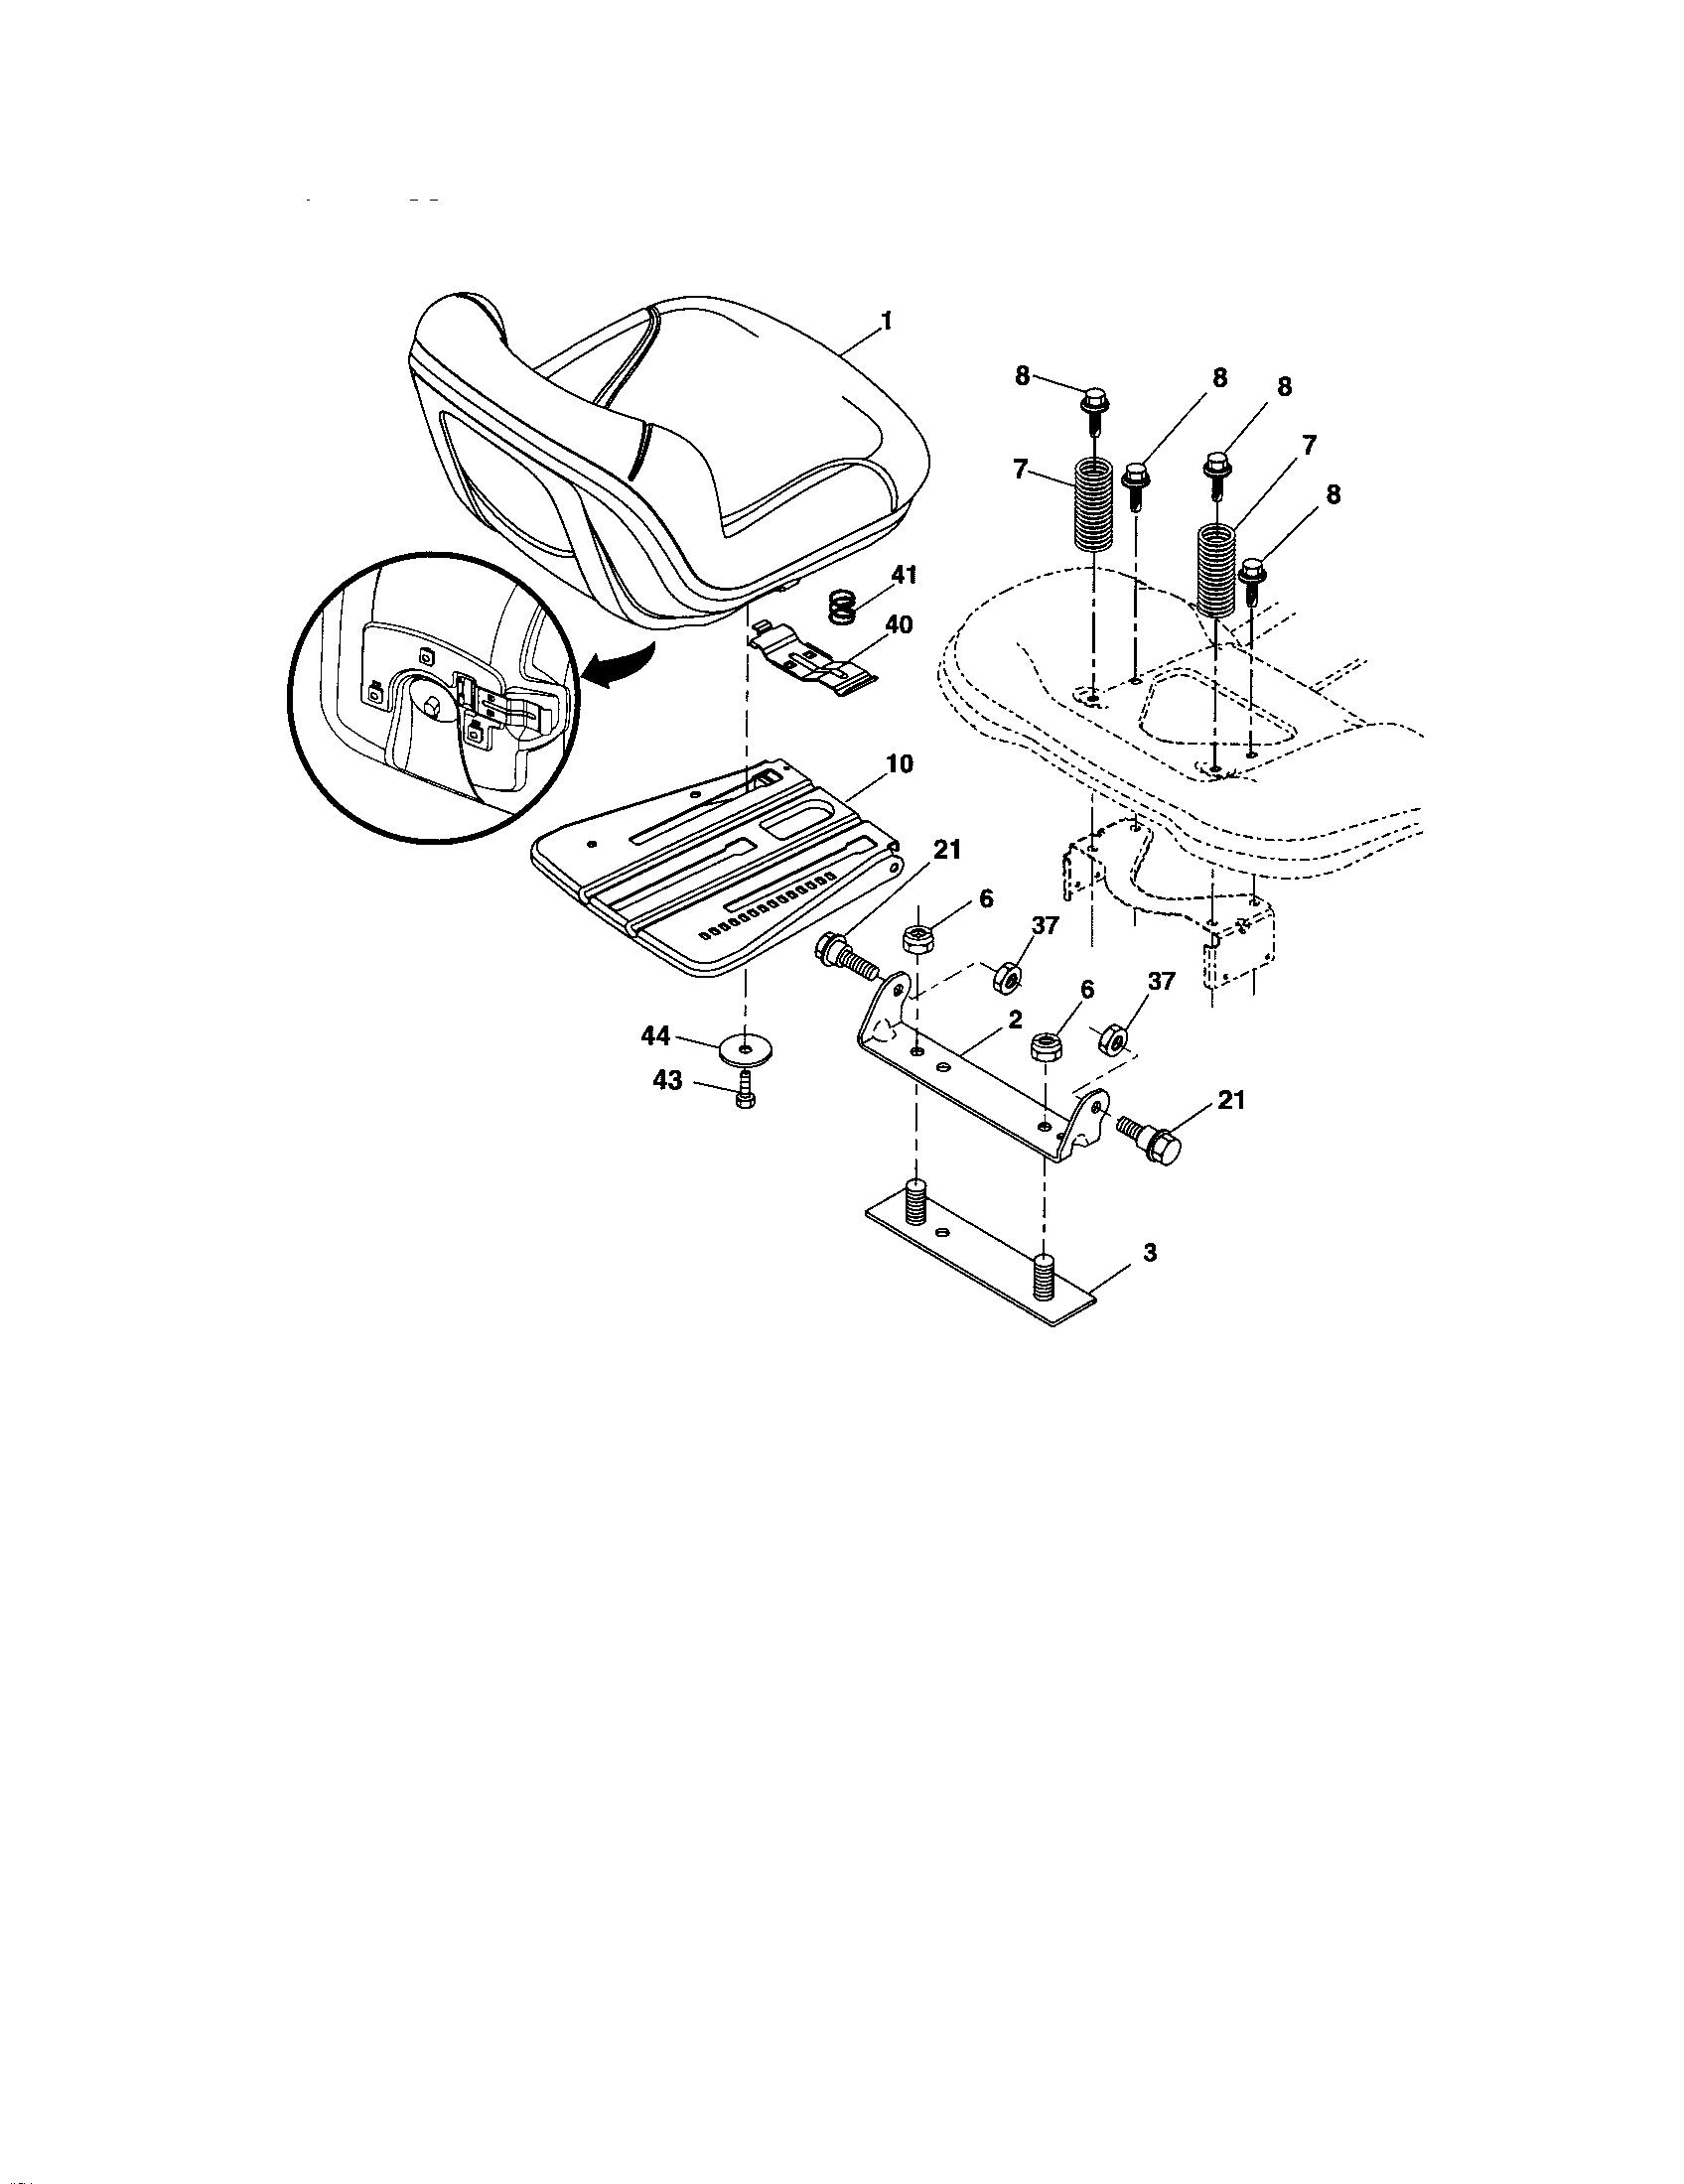 Craftsman model 917288210 lawn, tractor genuine parts